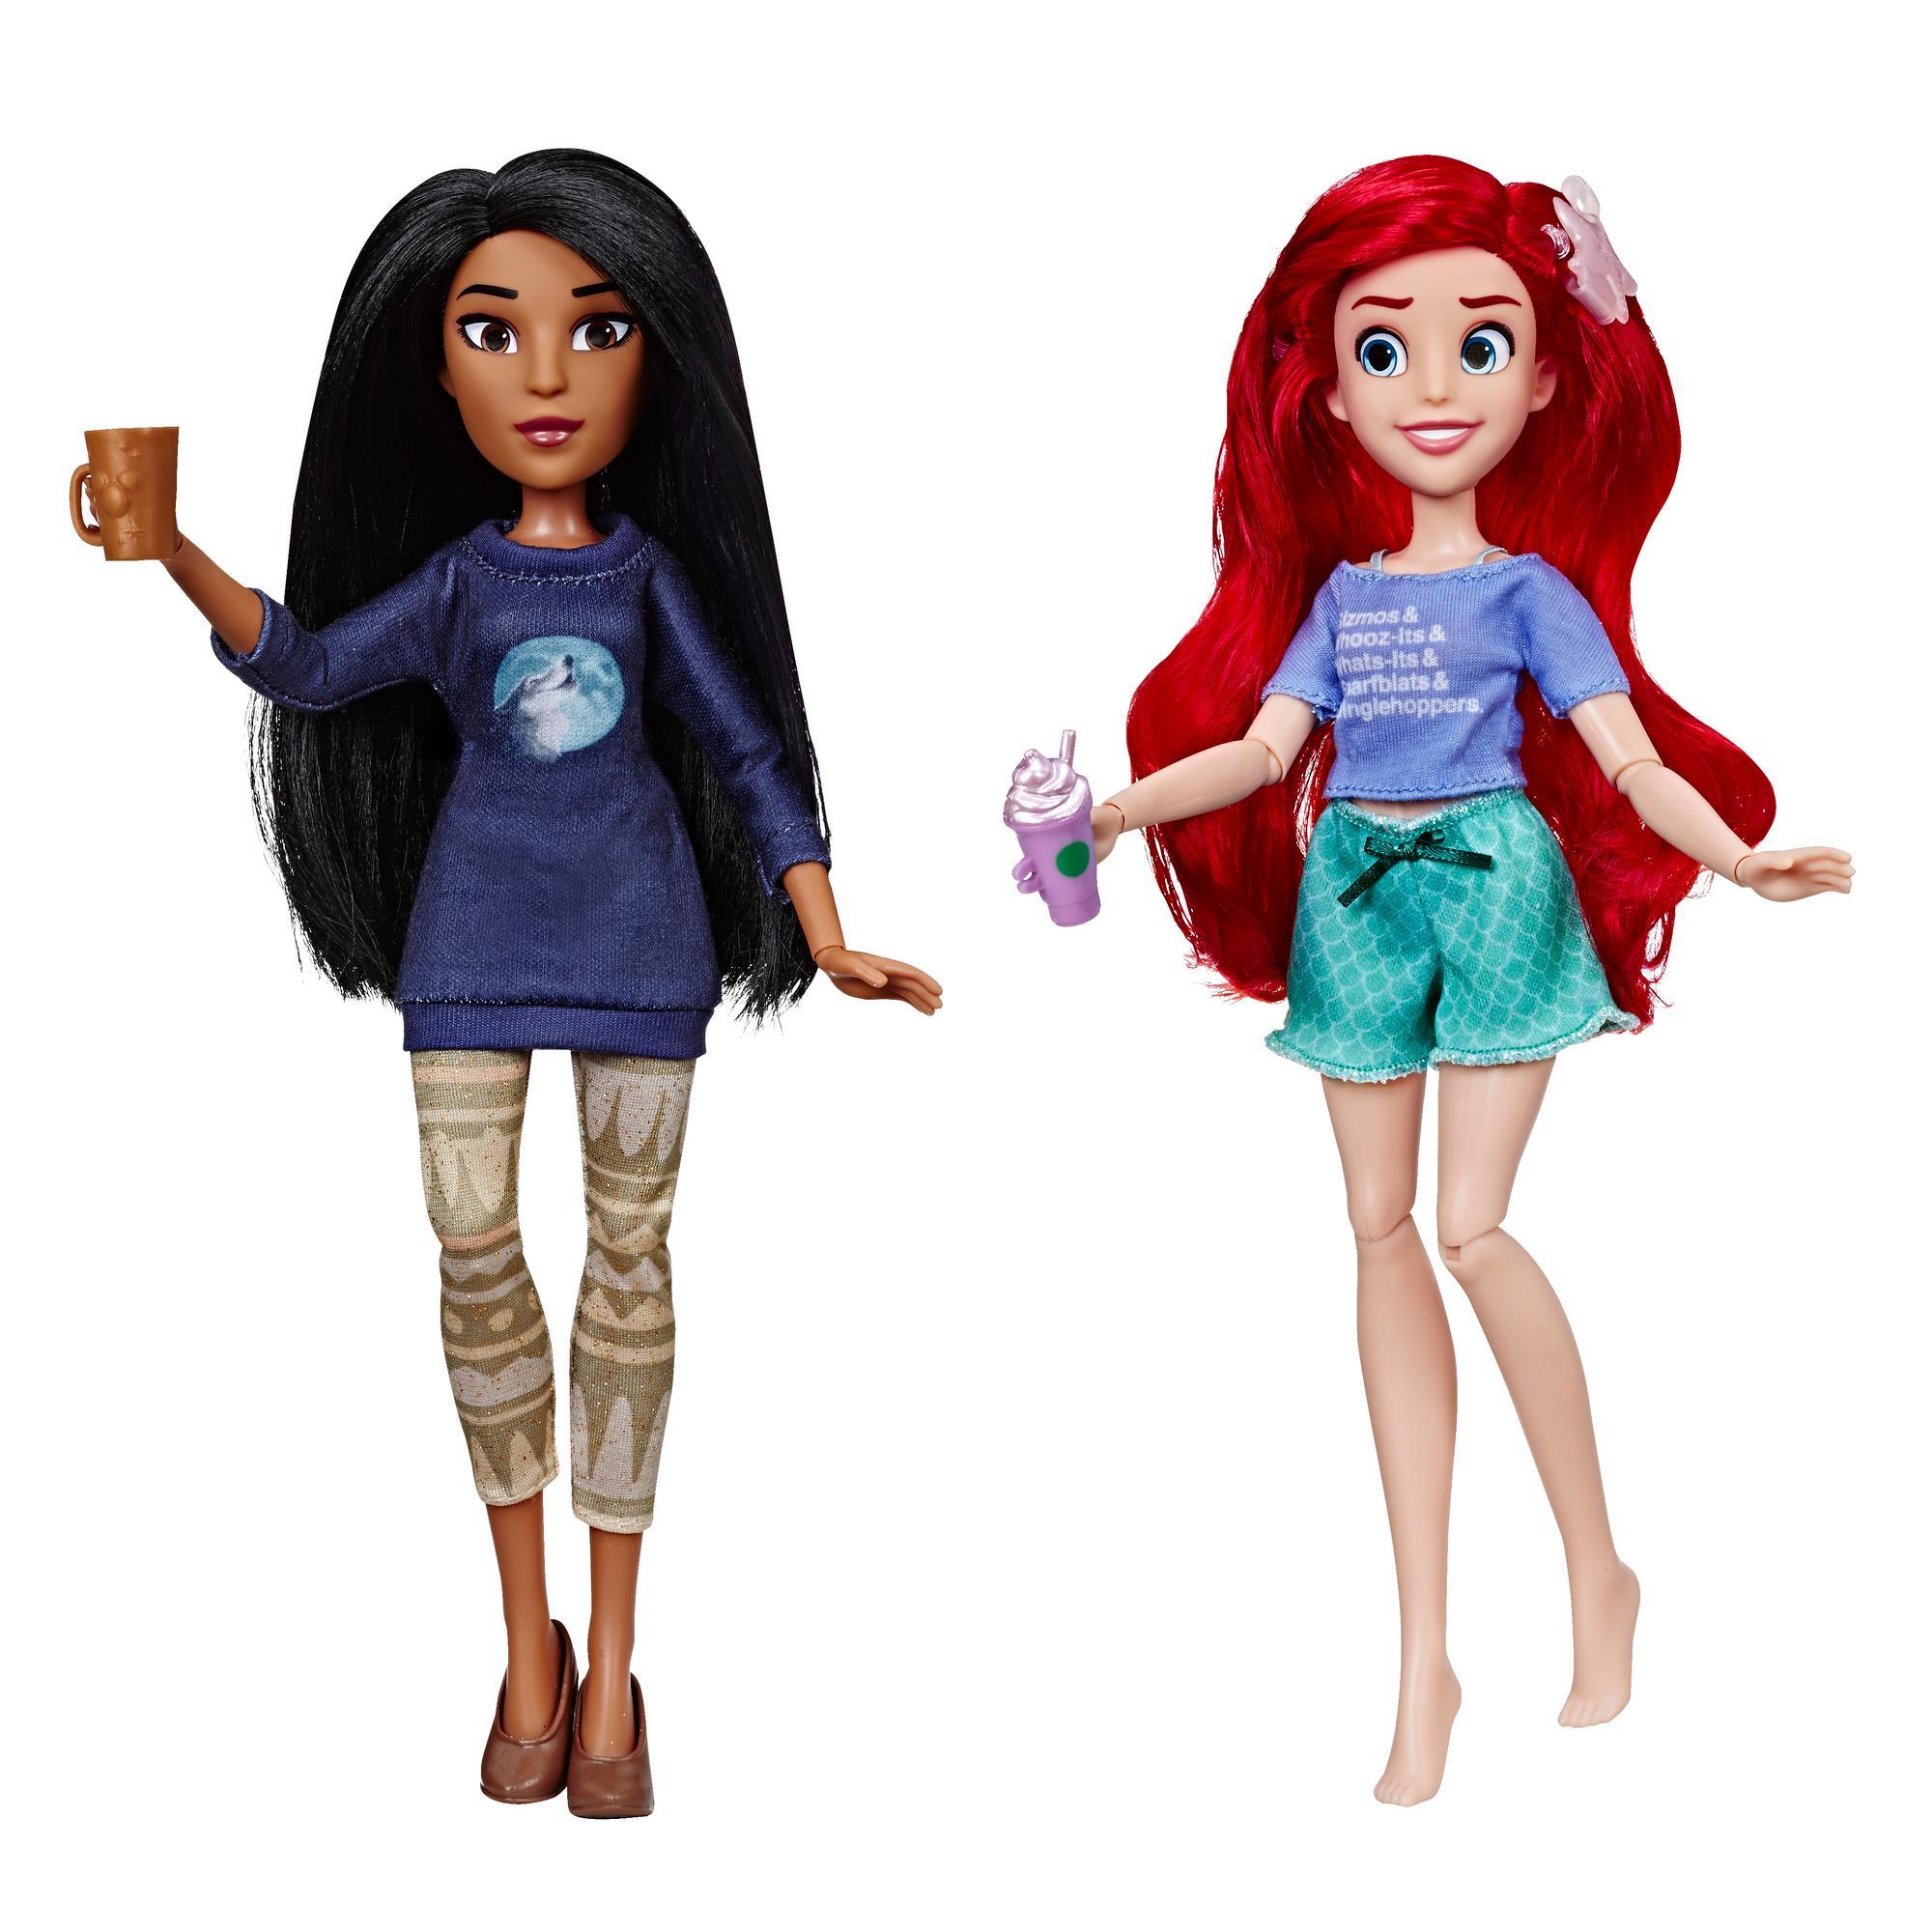 Disney Princess - Poupées Ariel et Pocahontas en tenues décontractées avec accessoires inspirées du film Ralph brise l'Internet